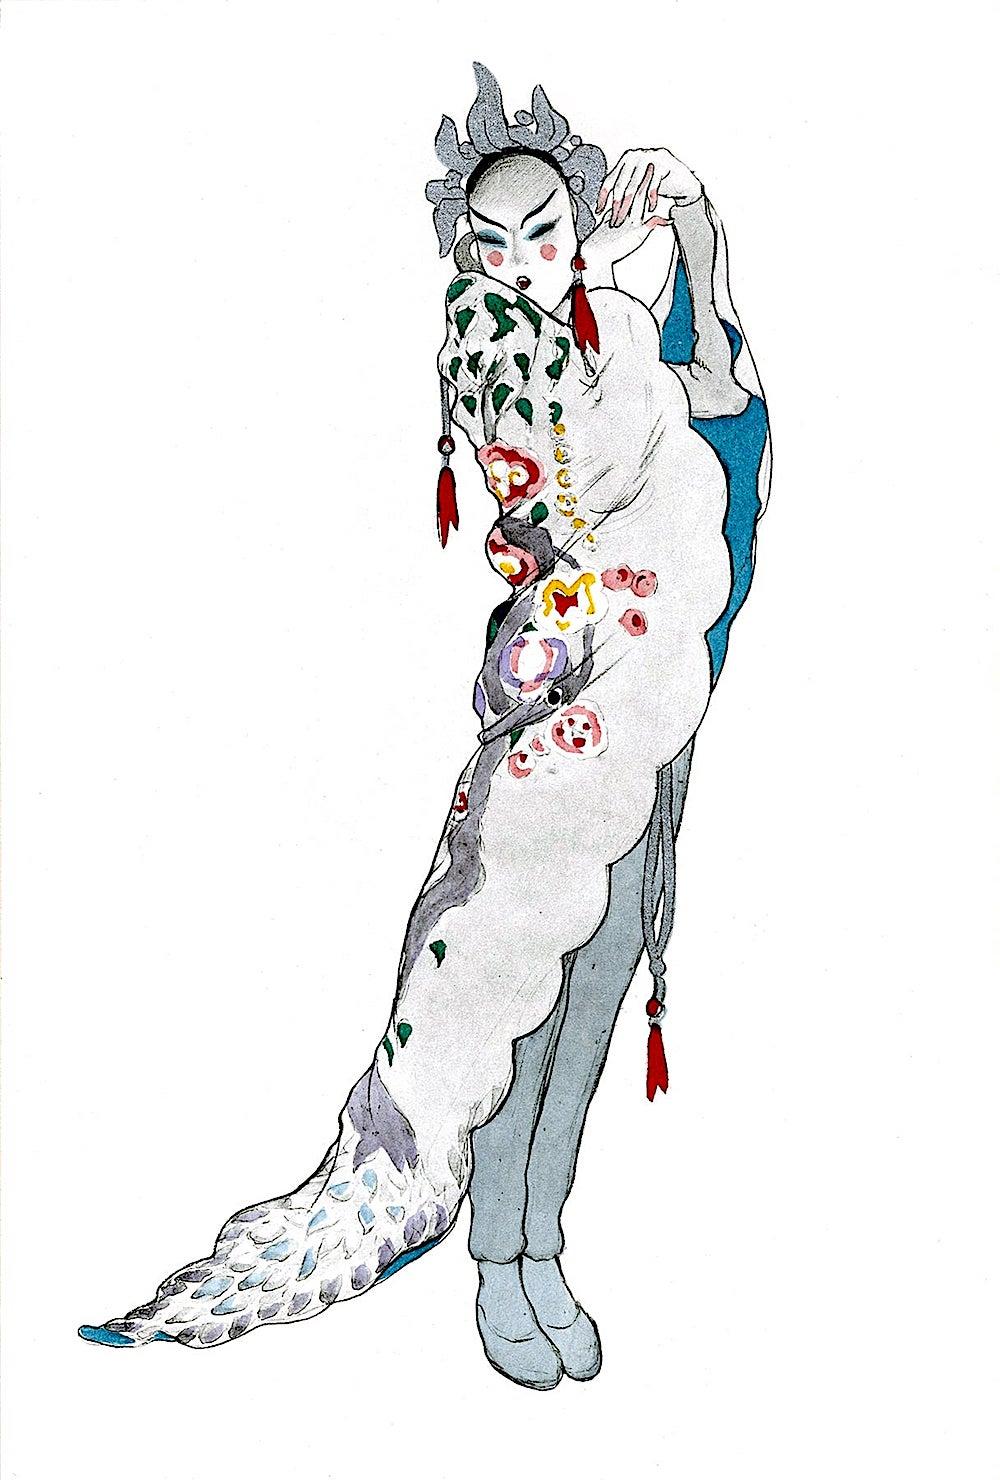 Walter Schnackenberg, an East Asian woman dancer